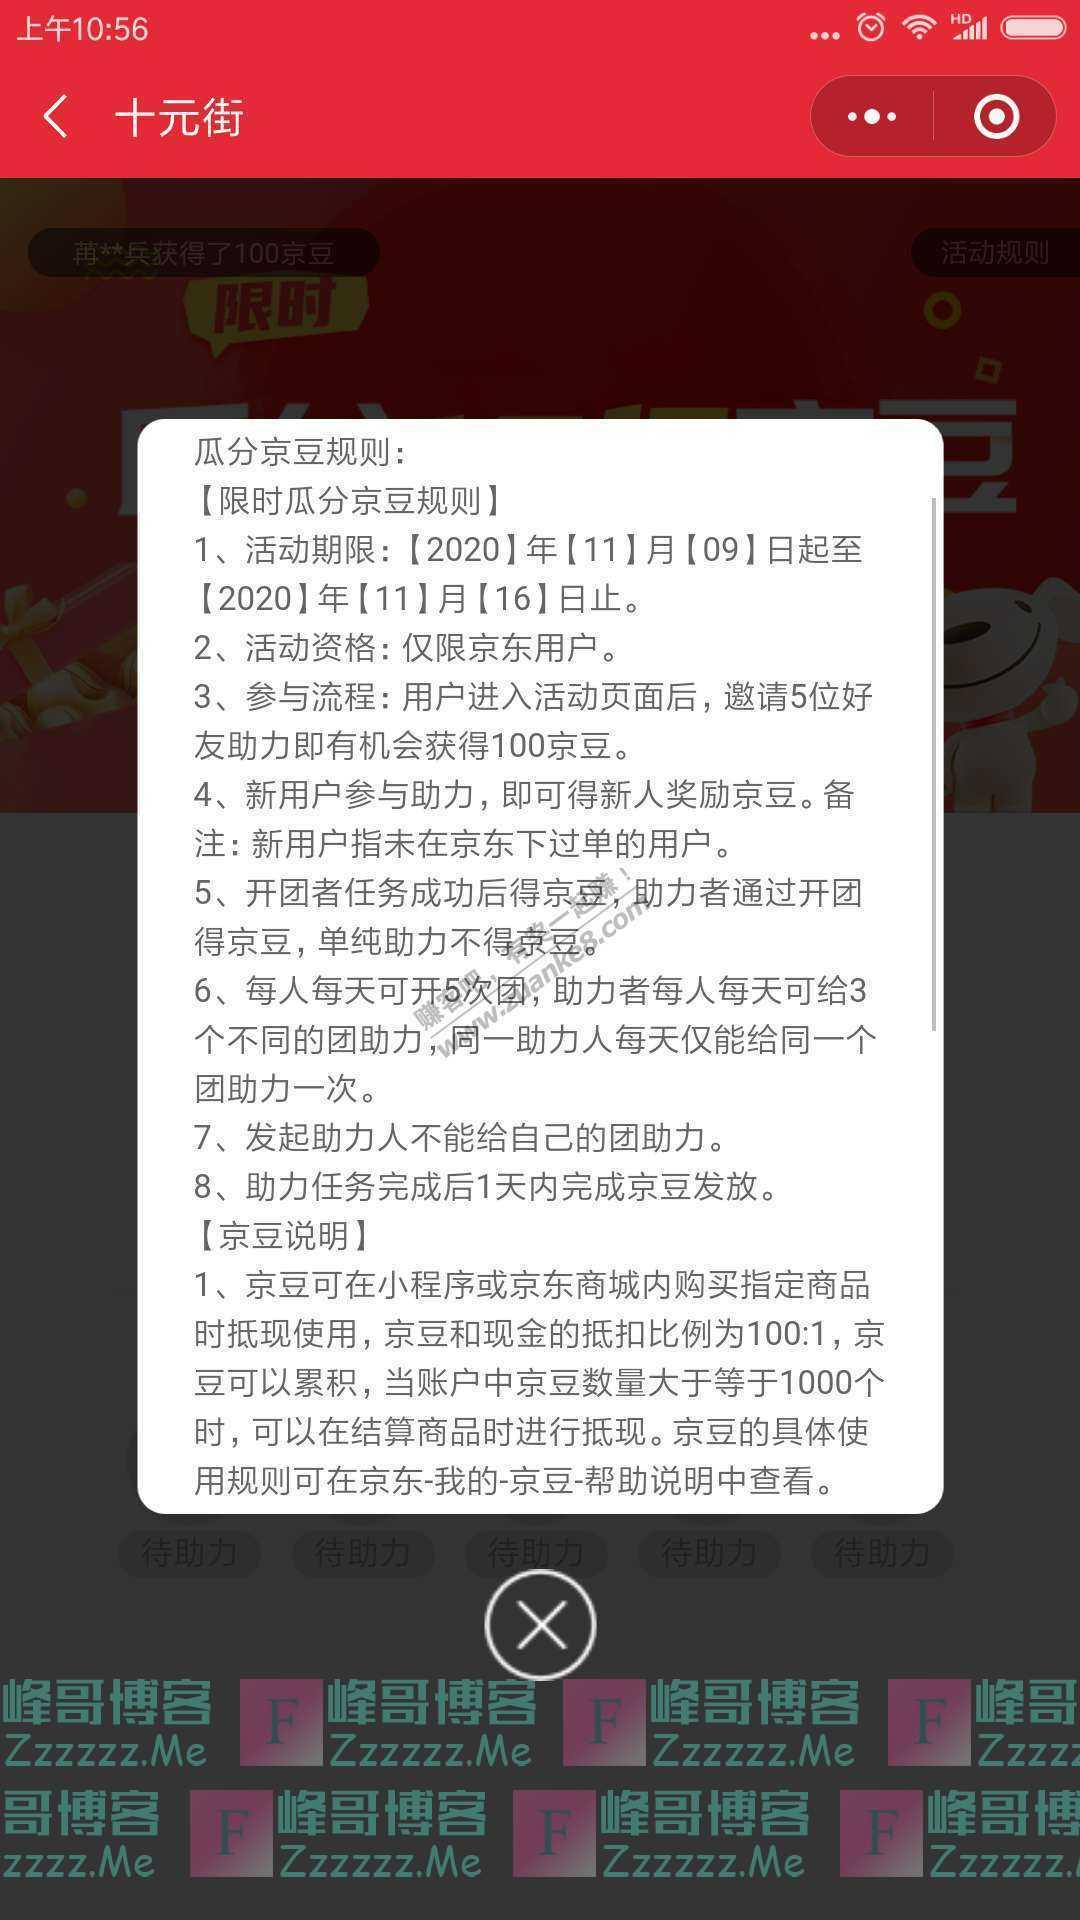 十元街1亿京豆 限时瓜分(截止11月16日)